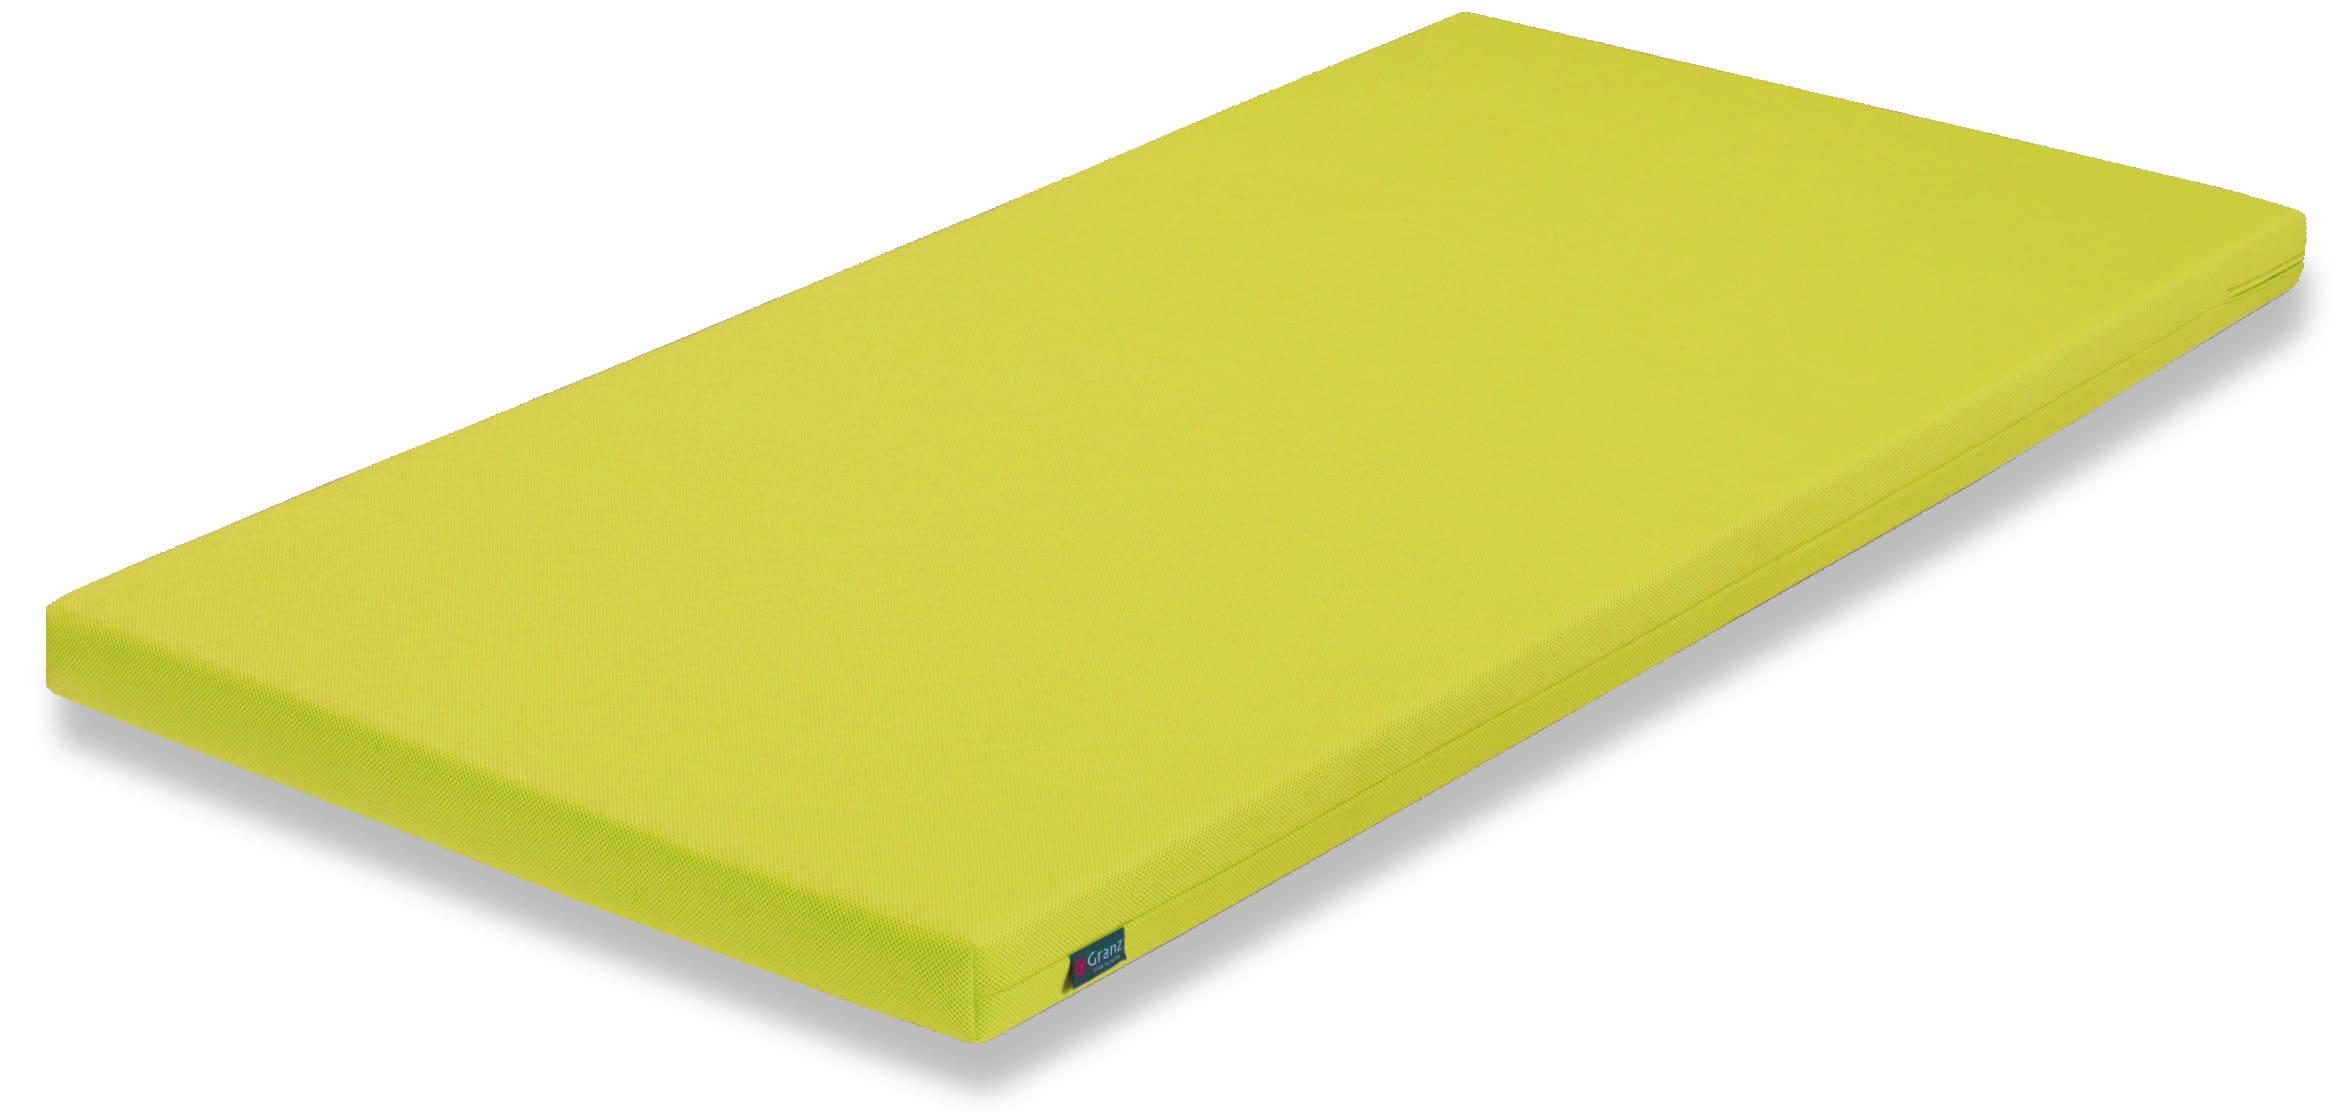 薄型マットレス カラーポケット GRグリーン:《システムベッドのマットレスにおすすめ》